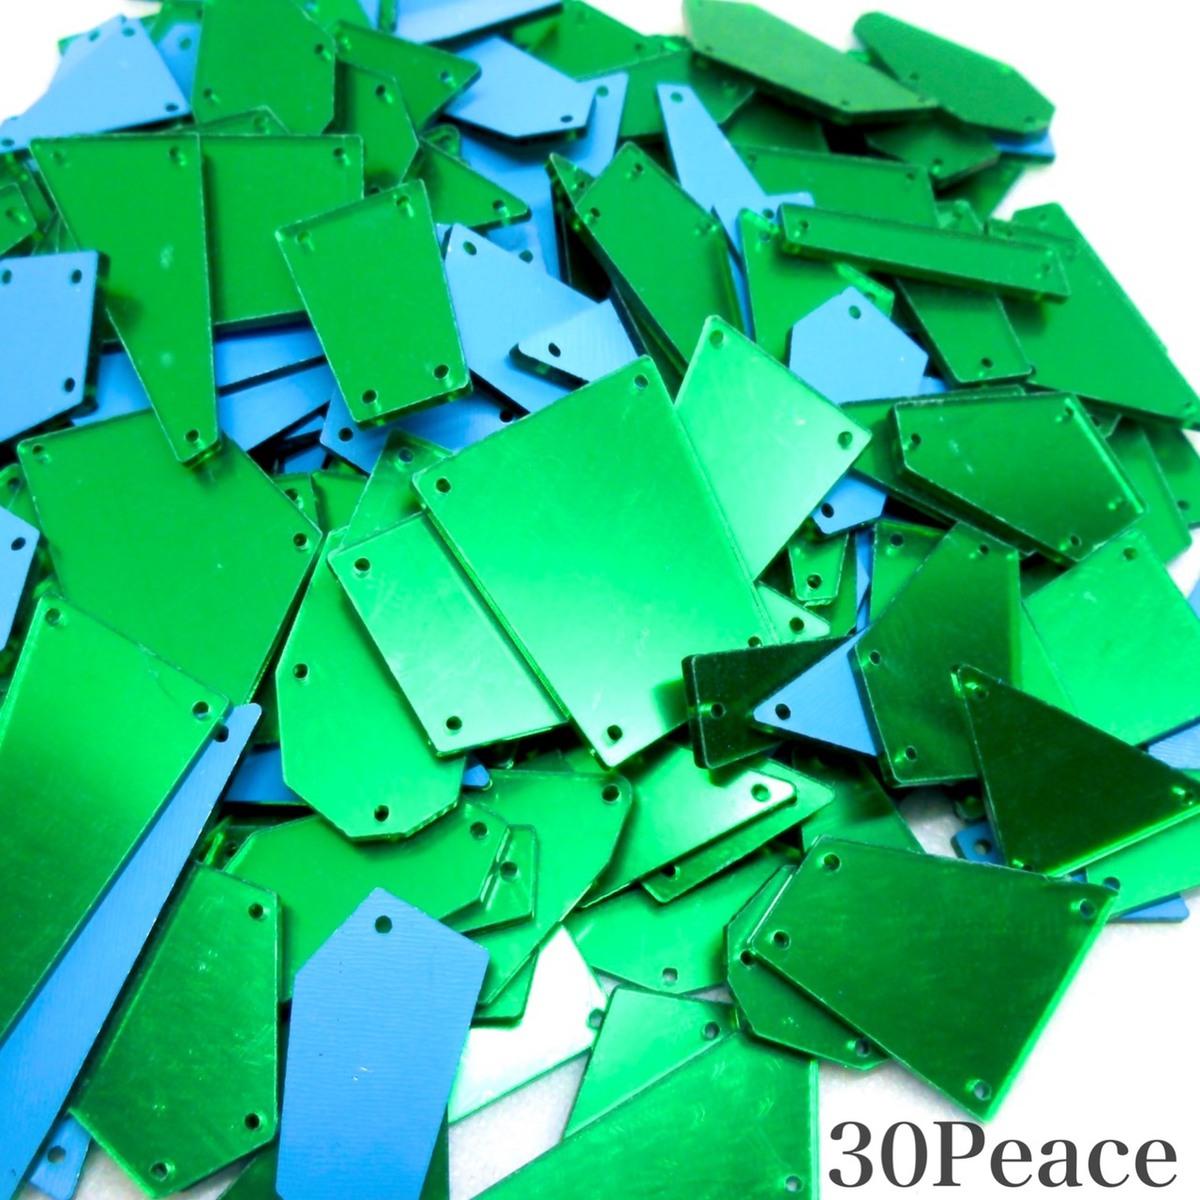 公式サイト 鏡仕上げのアクリルミラーパーツです アクリルミラーパーツ ミラーパーツ 直輸入品激安 ミラーストーン 衣装用ミラー 衣装用パーツ 30peace ランダムミックス グリーン